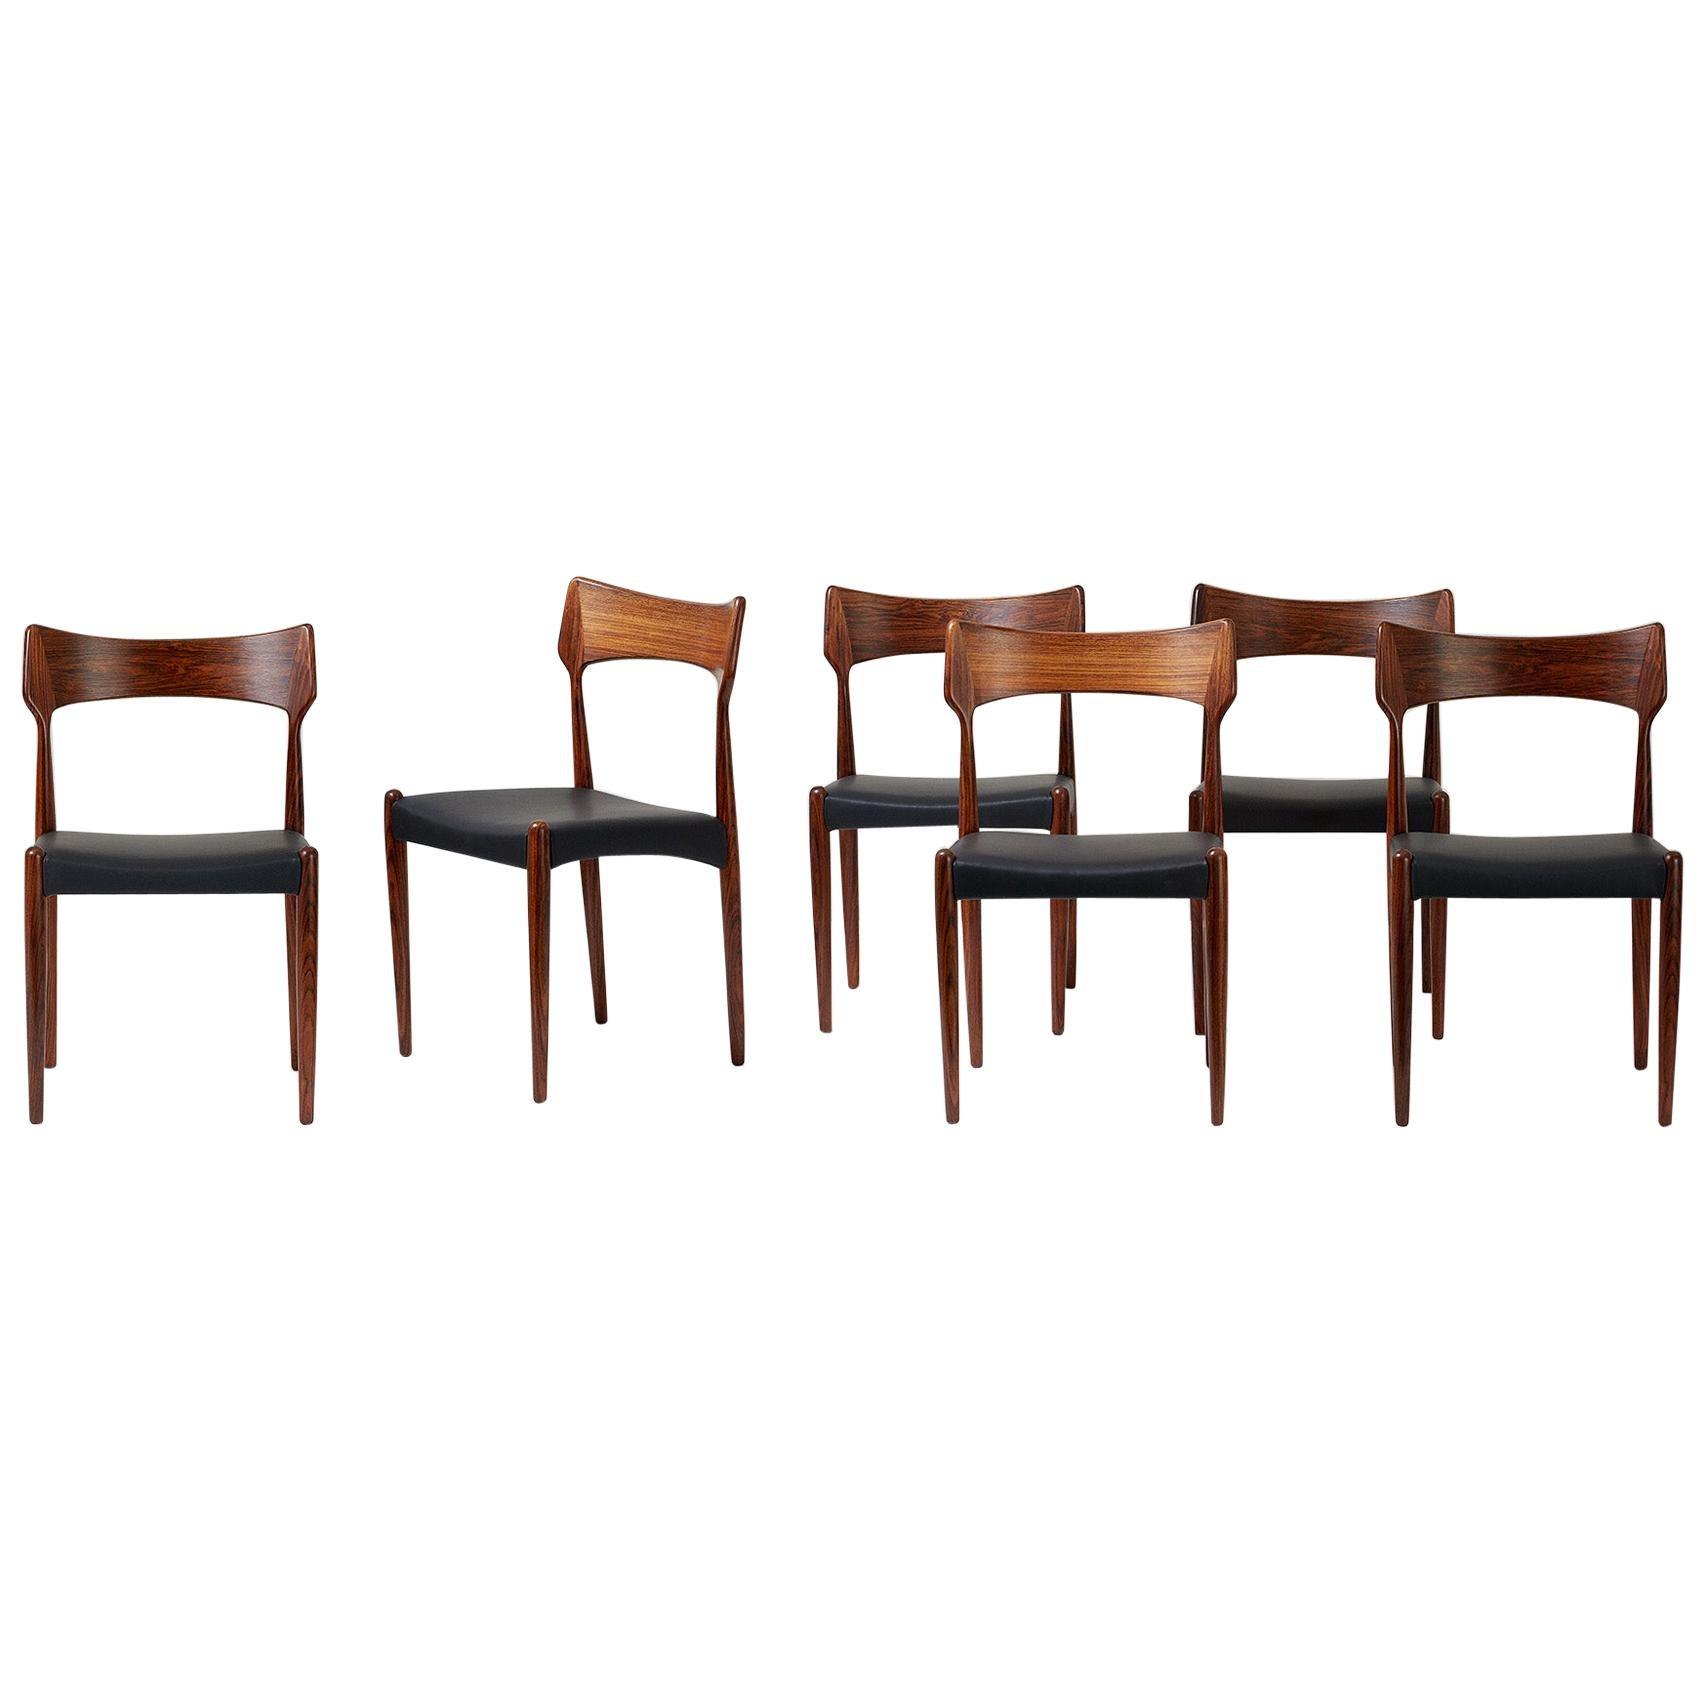 Set of 6 Bernard Petersen Rosewood Dining Chairs, circa 1960